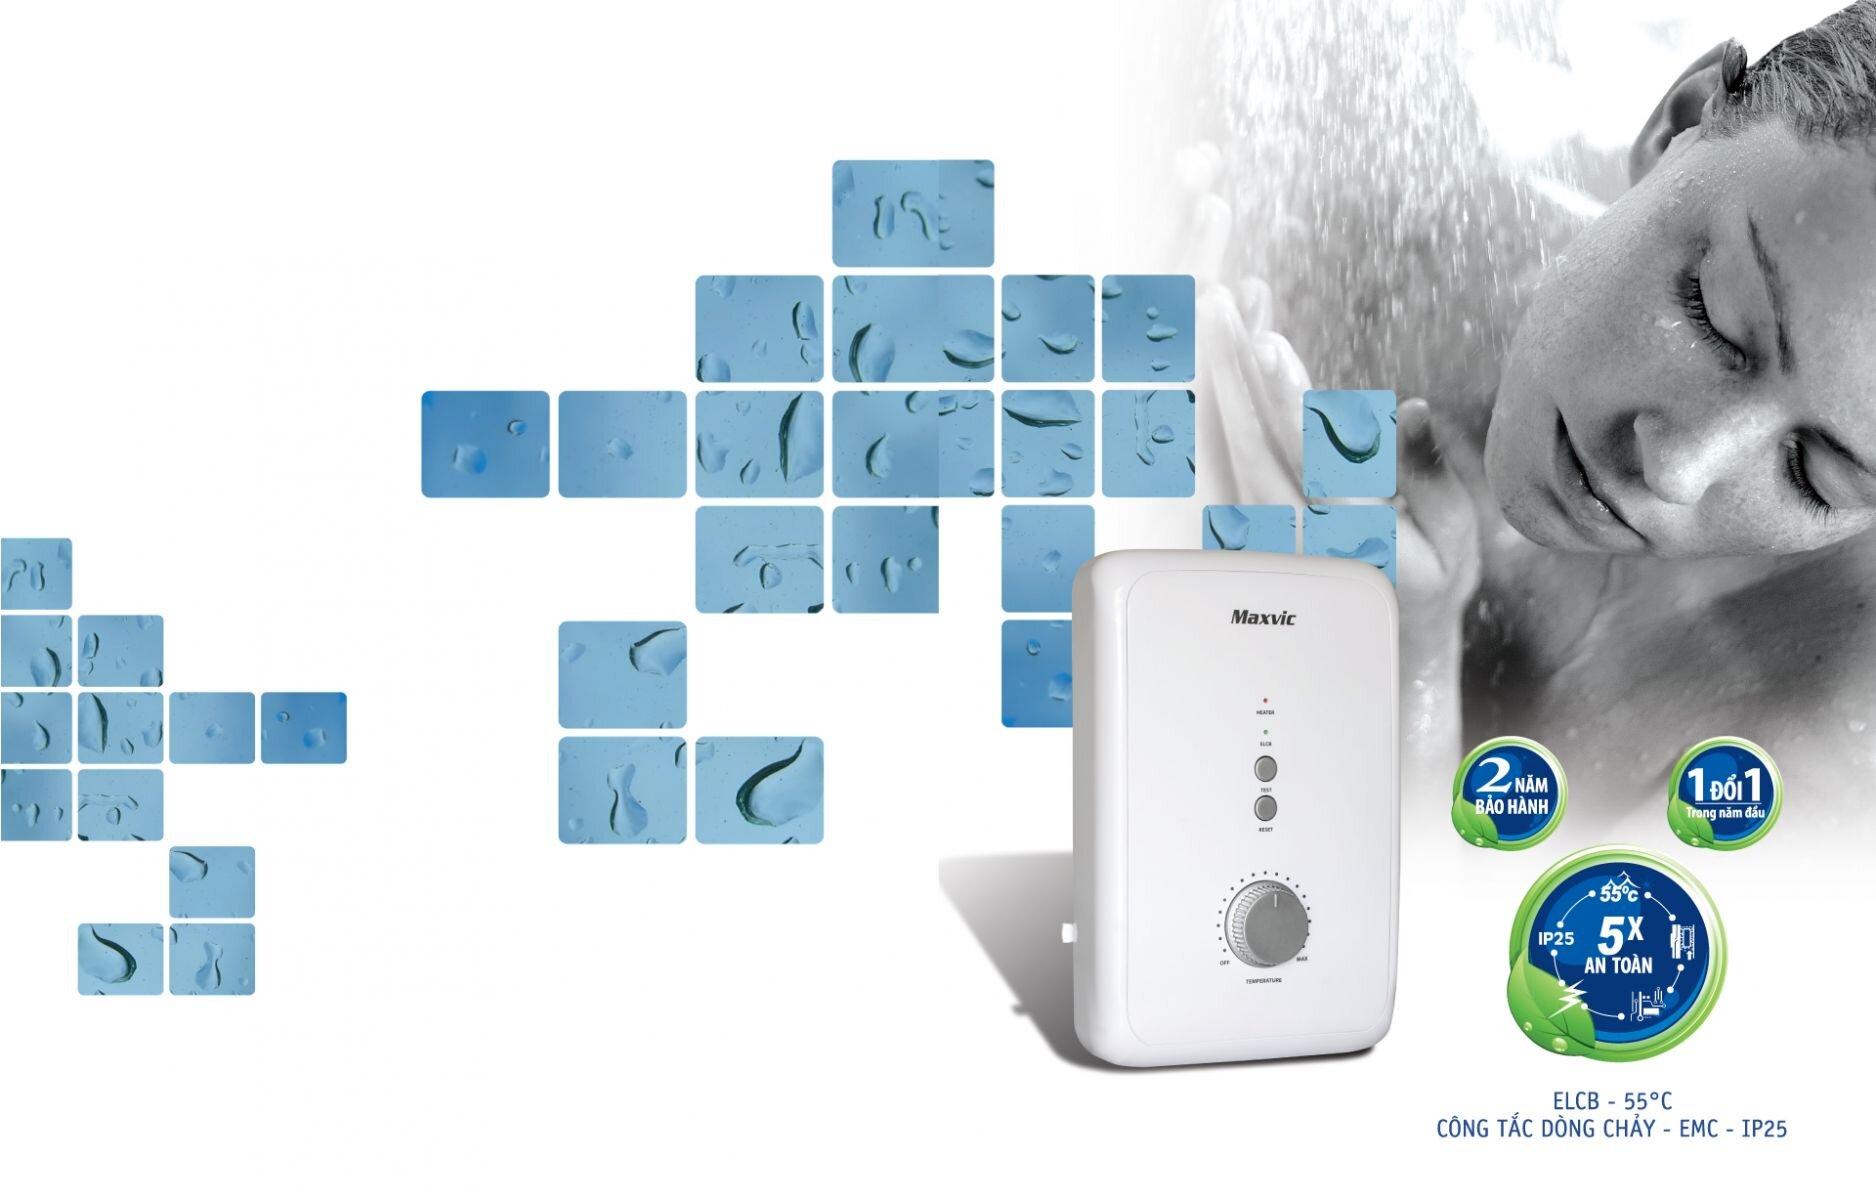 Máy nước nóng trực tiếp cung cấp chế độ tự ngắt an toàn